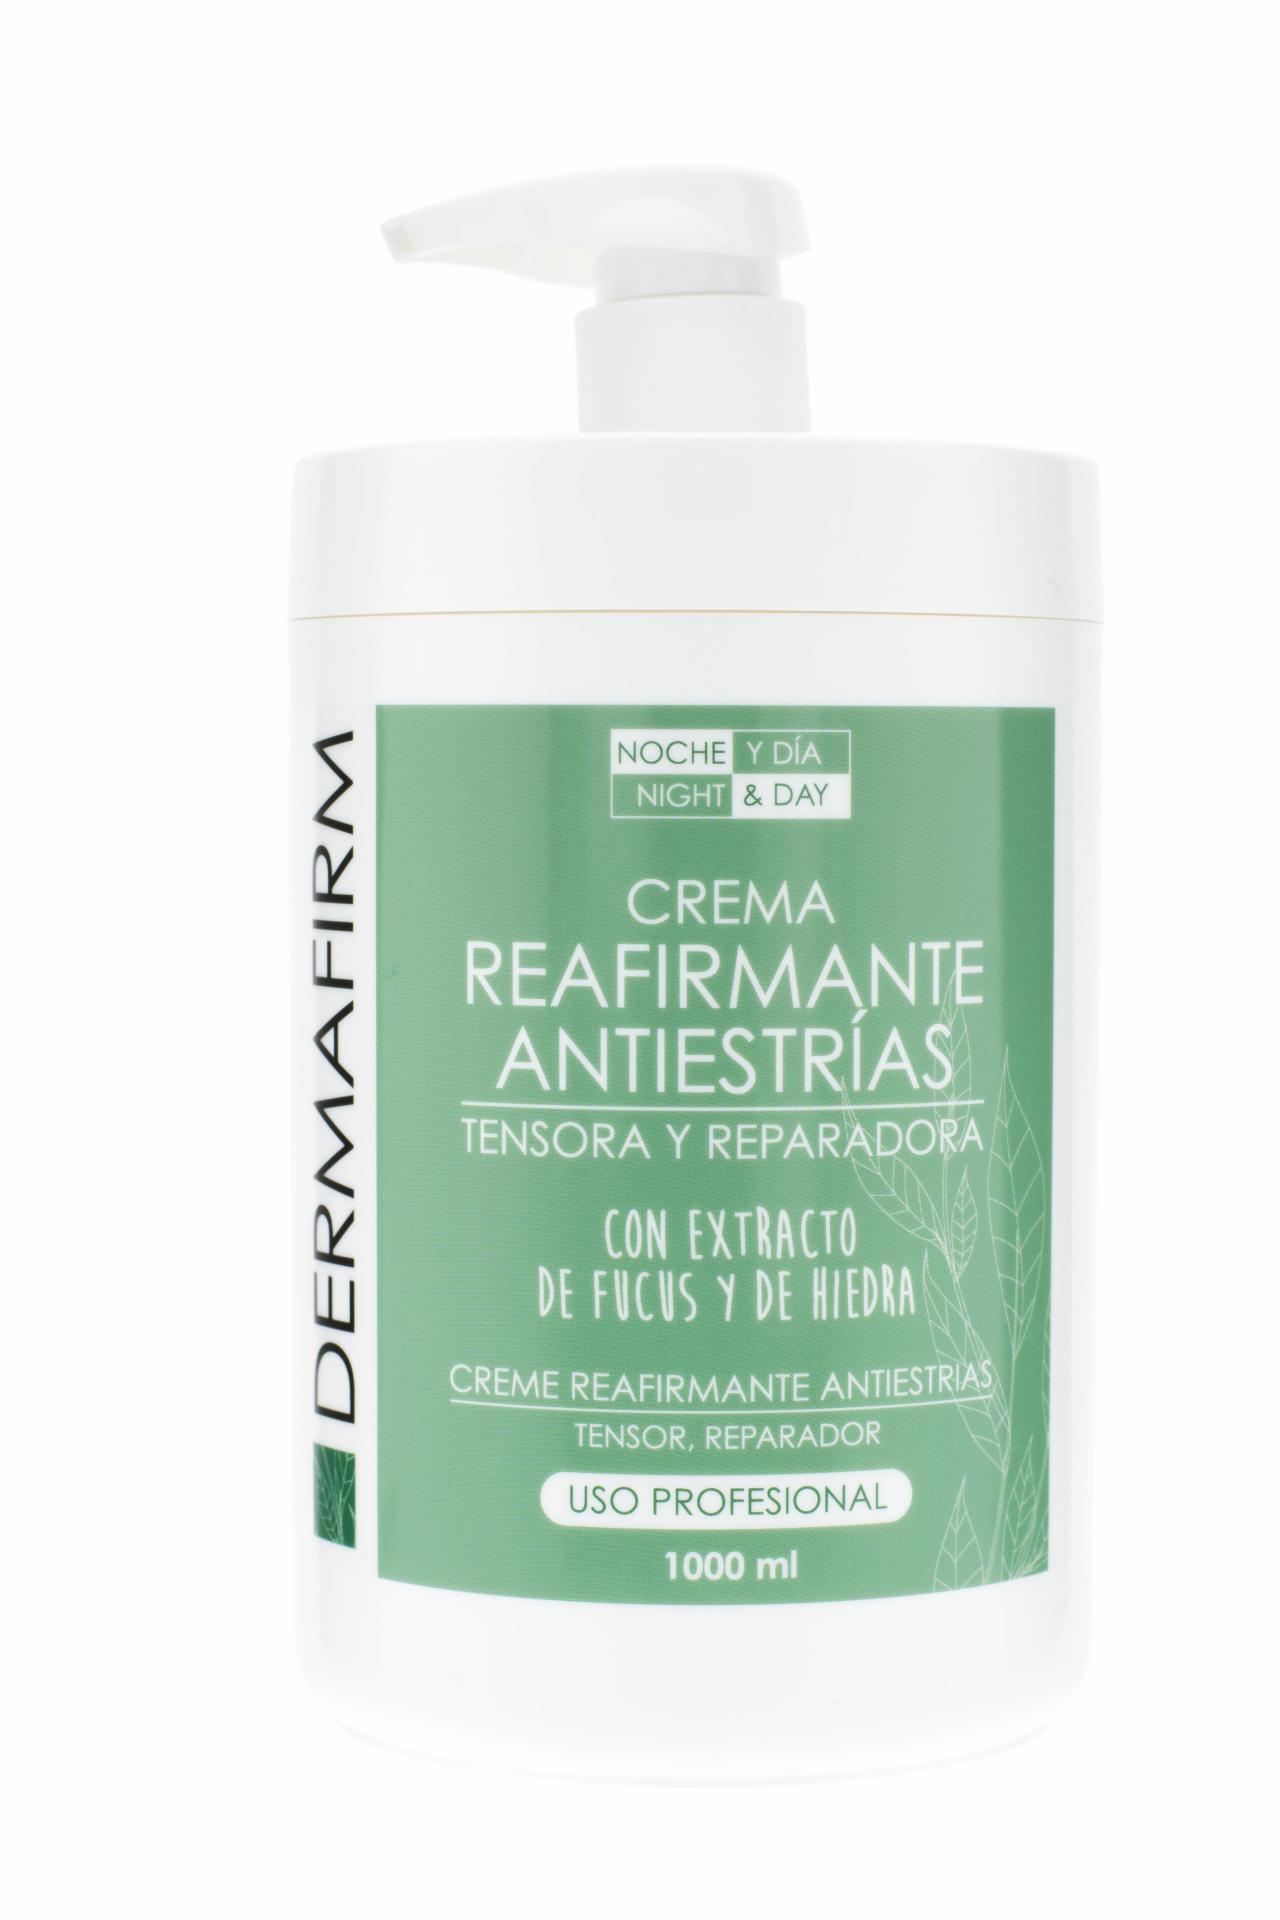 Crema REAFIRMANTE y ANTIESTRIAS  NOche y DIa 1000ml.